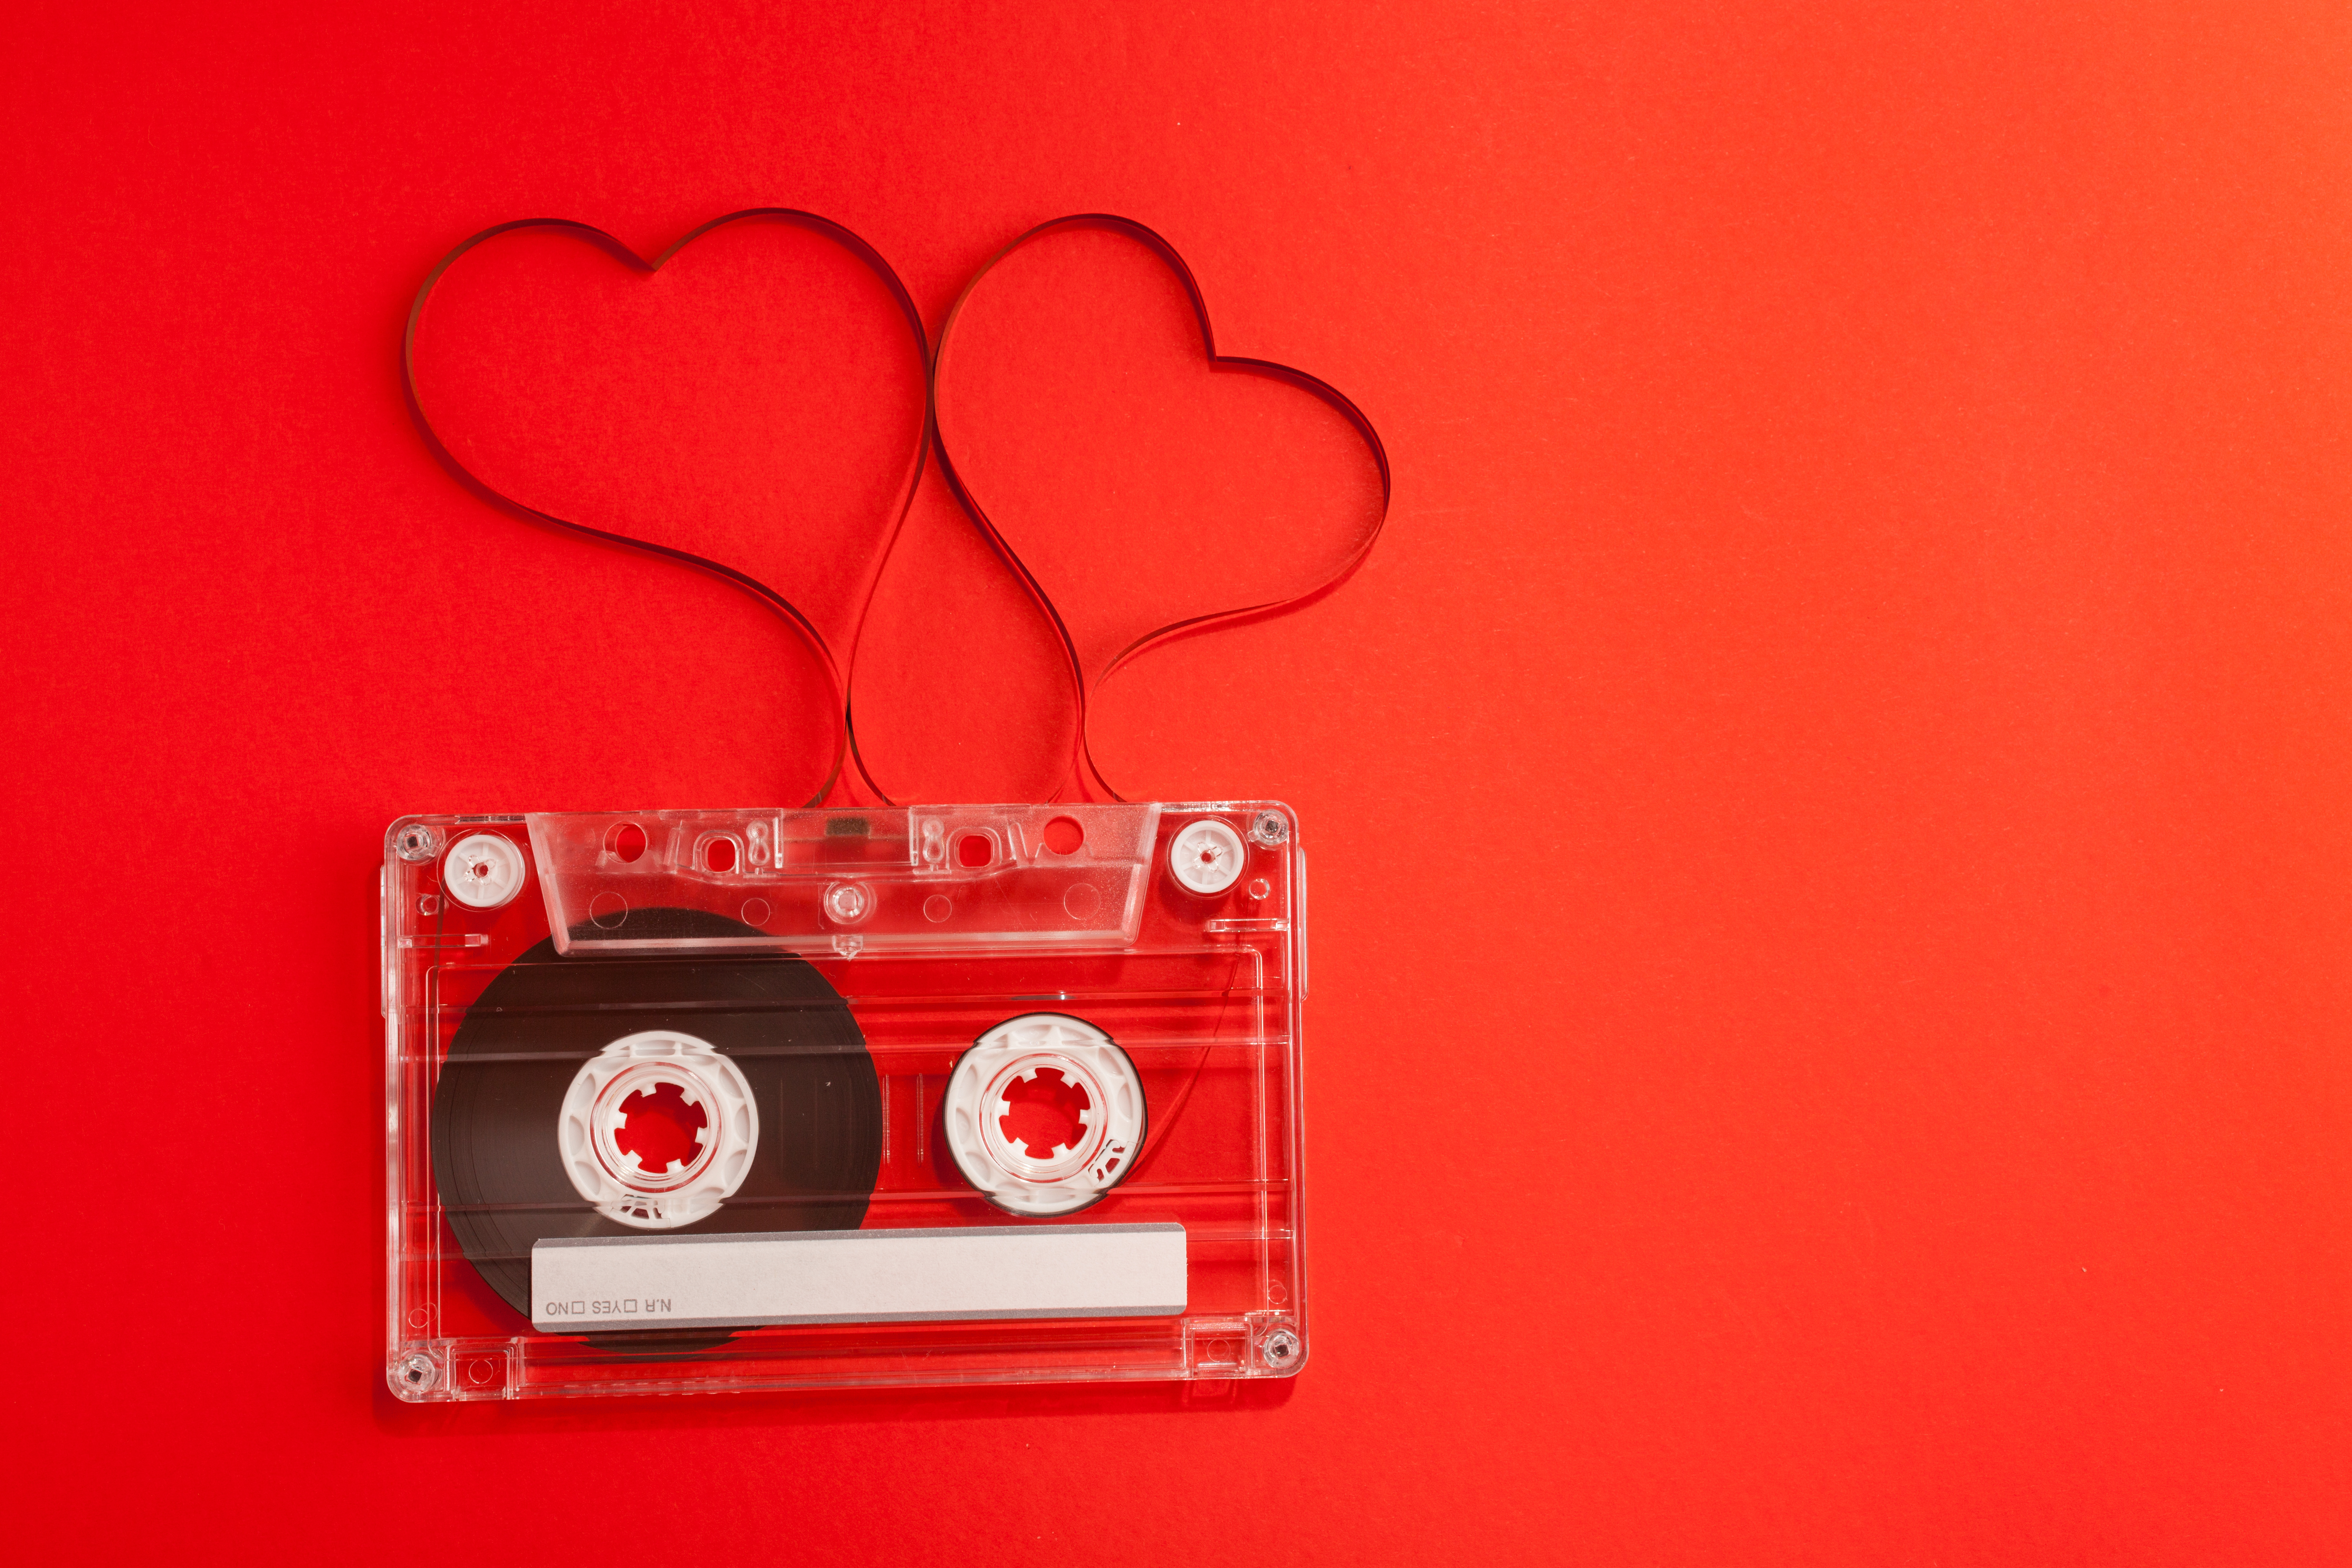 Scopri la colonna sonora che potrebbe accompagnare le tue giornate